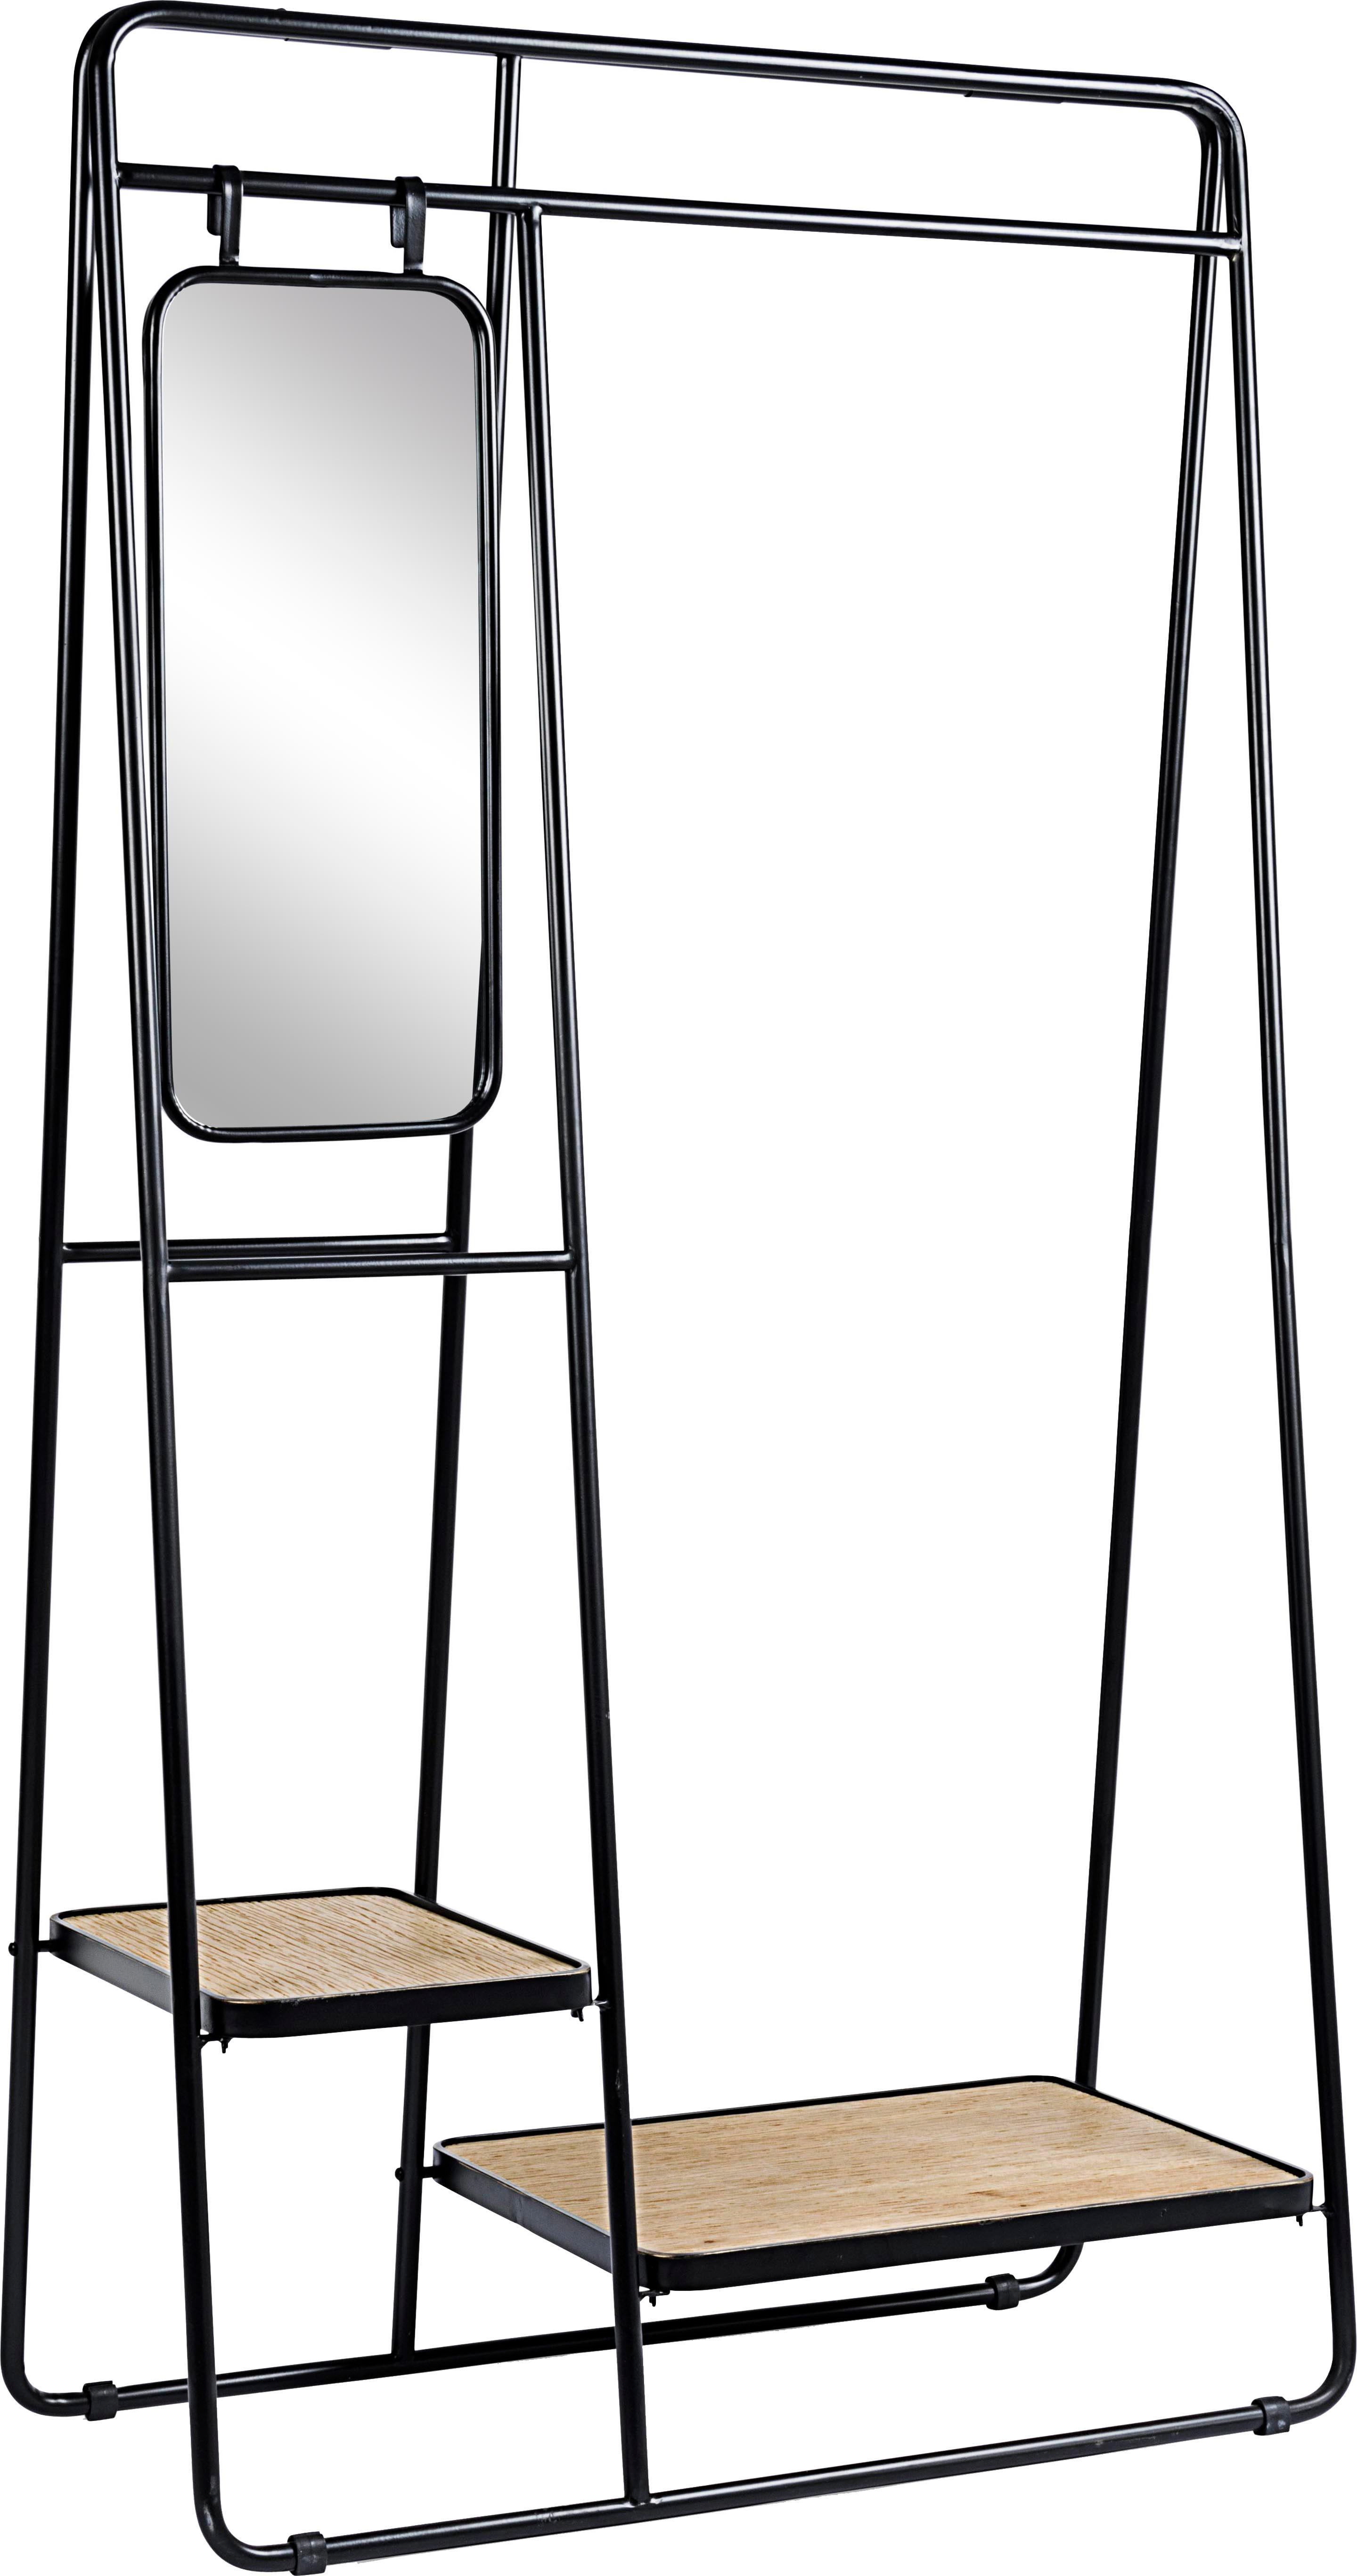 Wieszak stojący z lustrem Jerrod, Stelaż: metal epoksydowany, malow, Czarny, brązowy, S 93 x W 178 cm